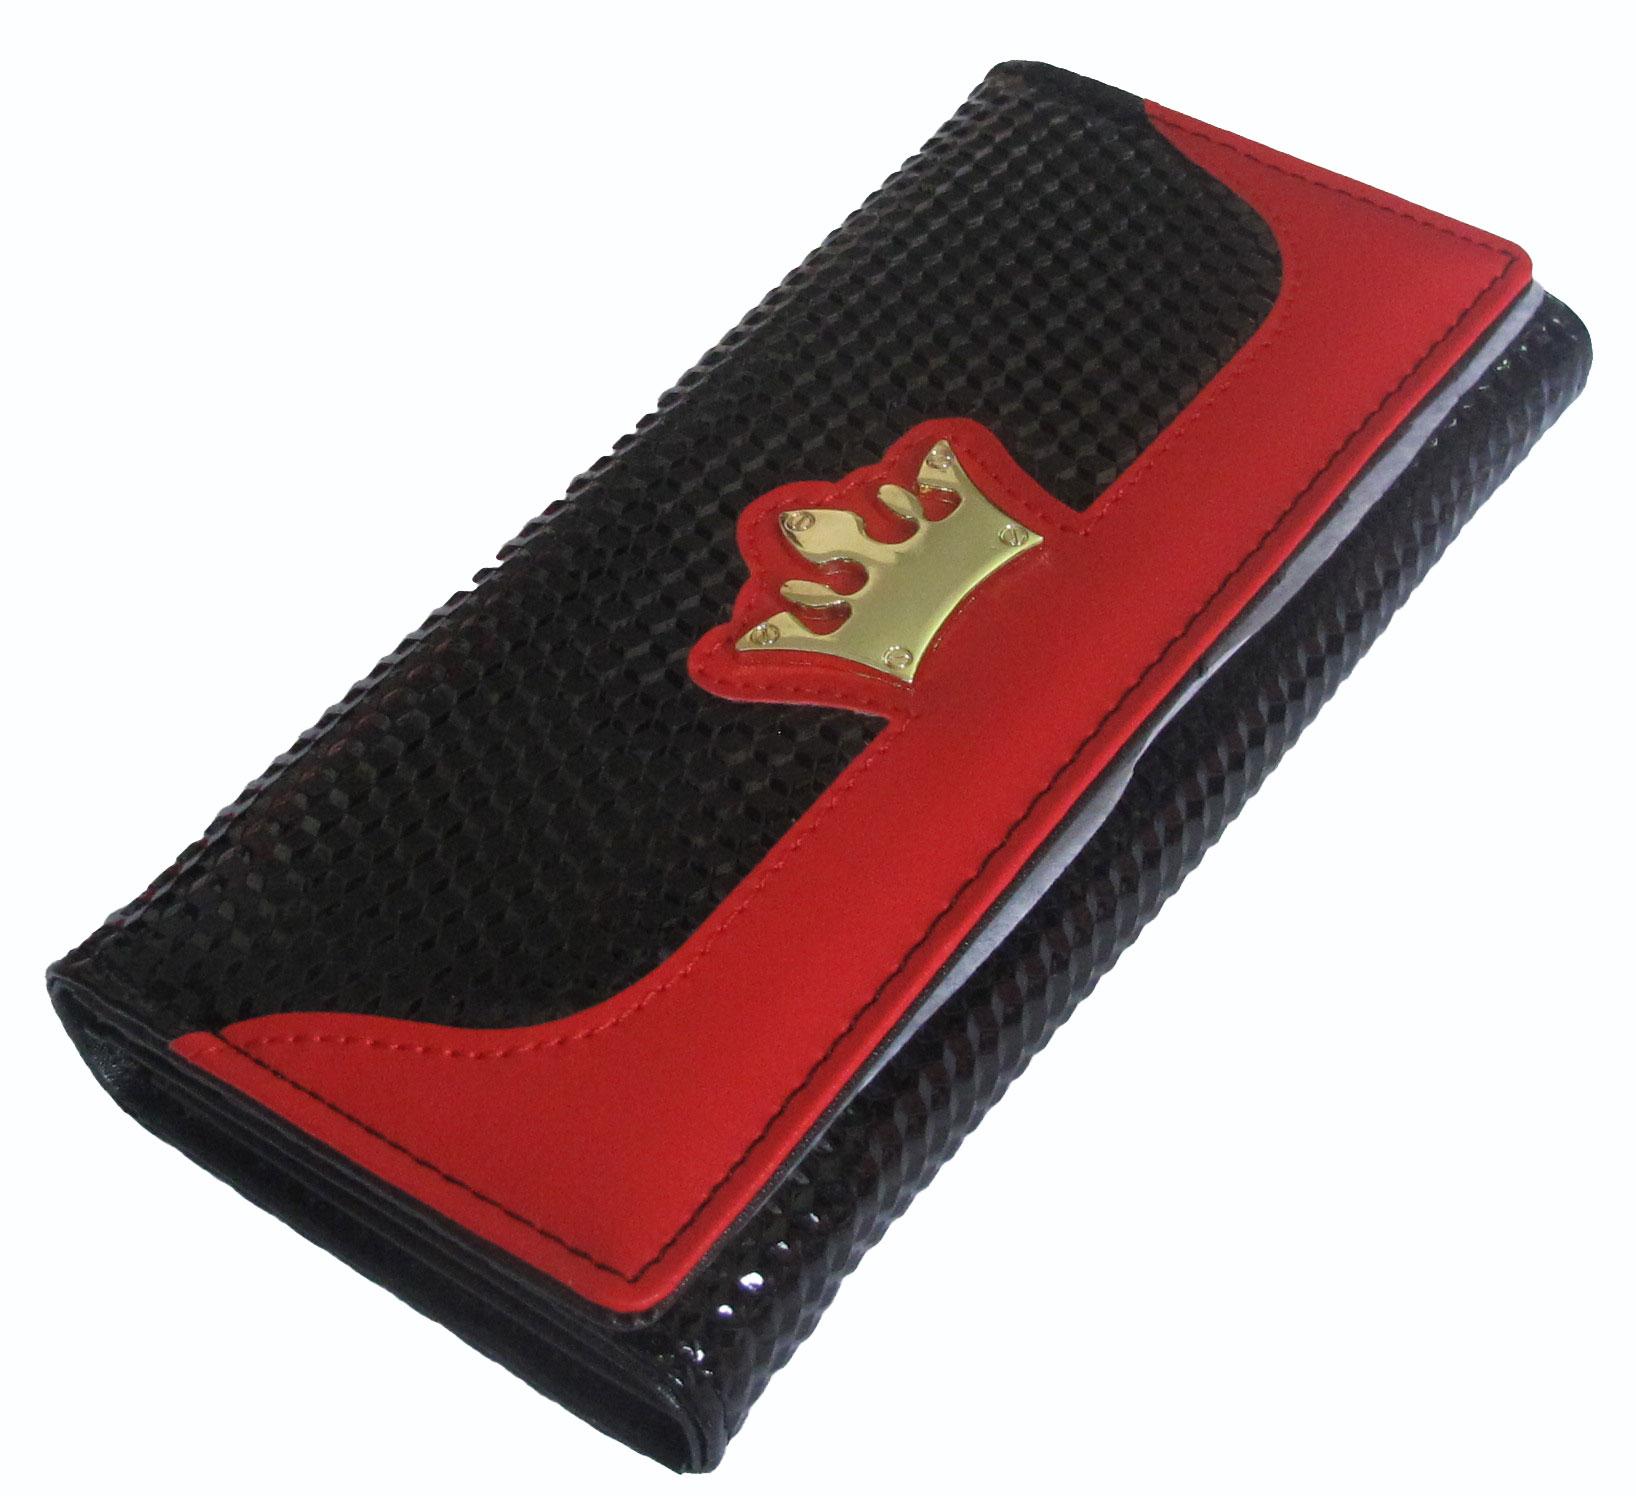 กระเป๋าแฟชั่น แบบยาว ติดด้วยกระดุมแป็ก สุดคุ้ม มีช่องใส่บัตรเครดิต หรือบัตรต่างๆหลายช่อง